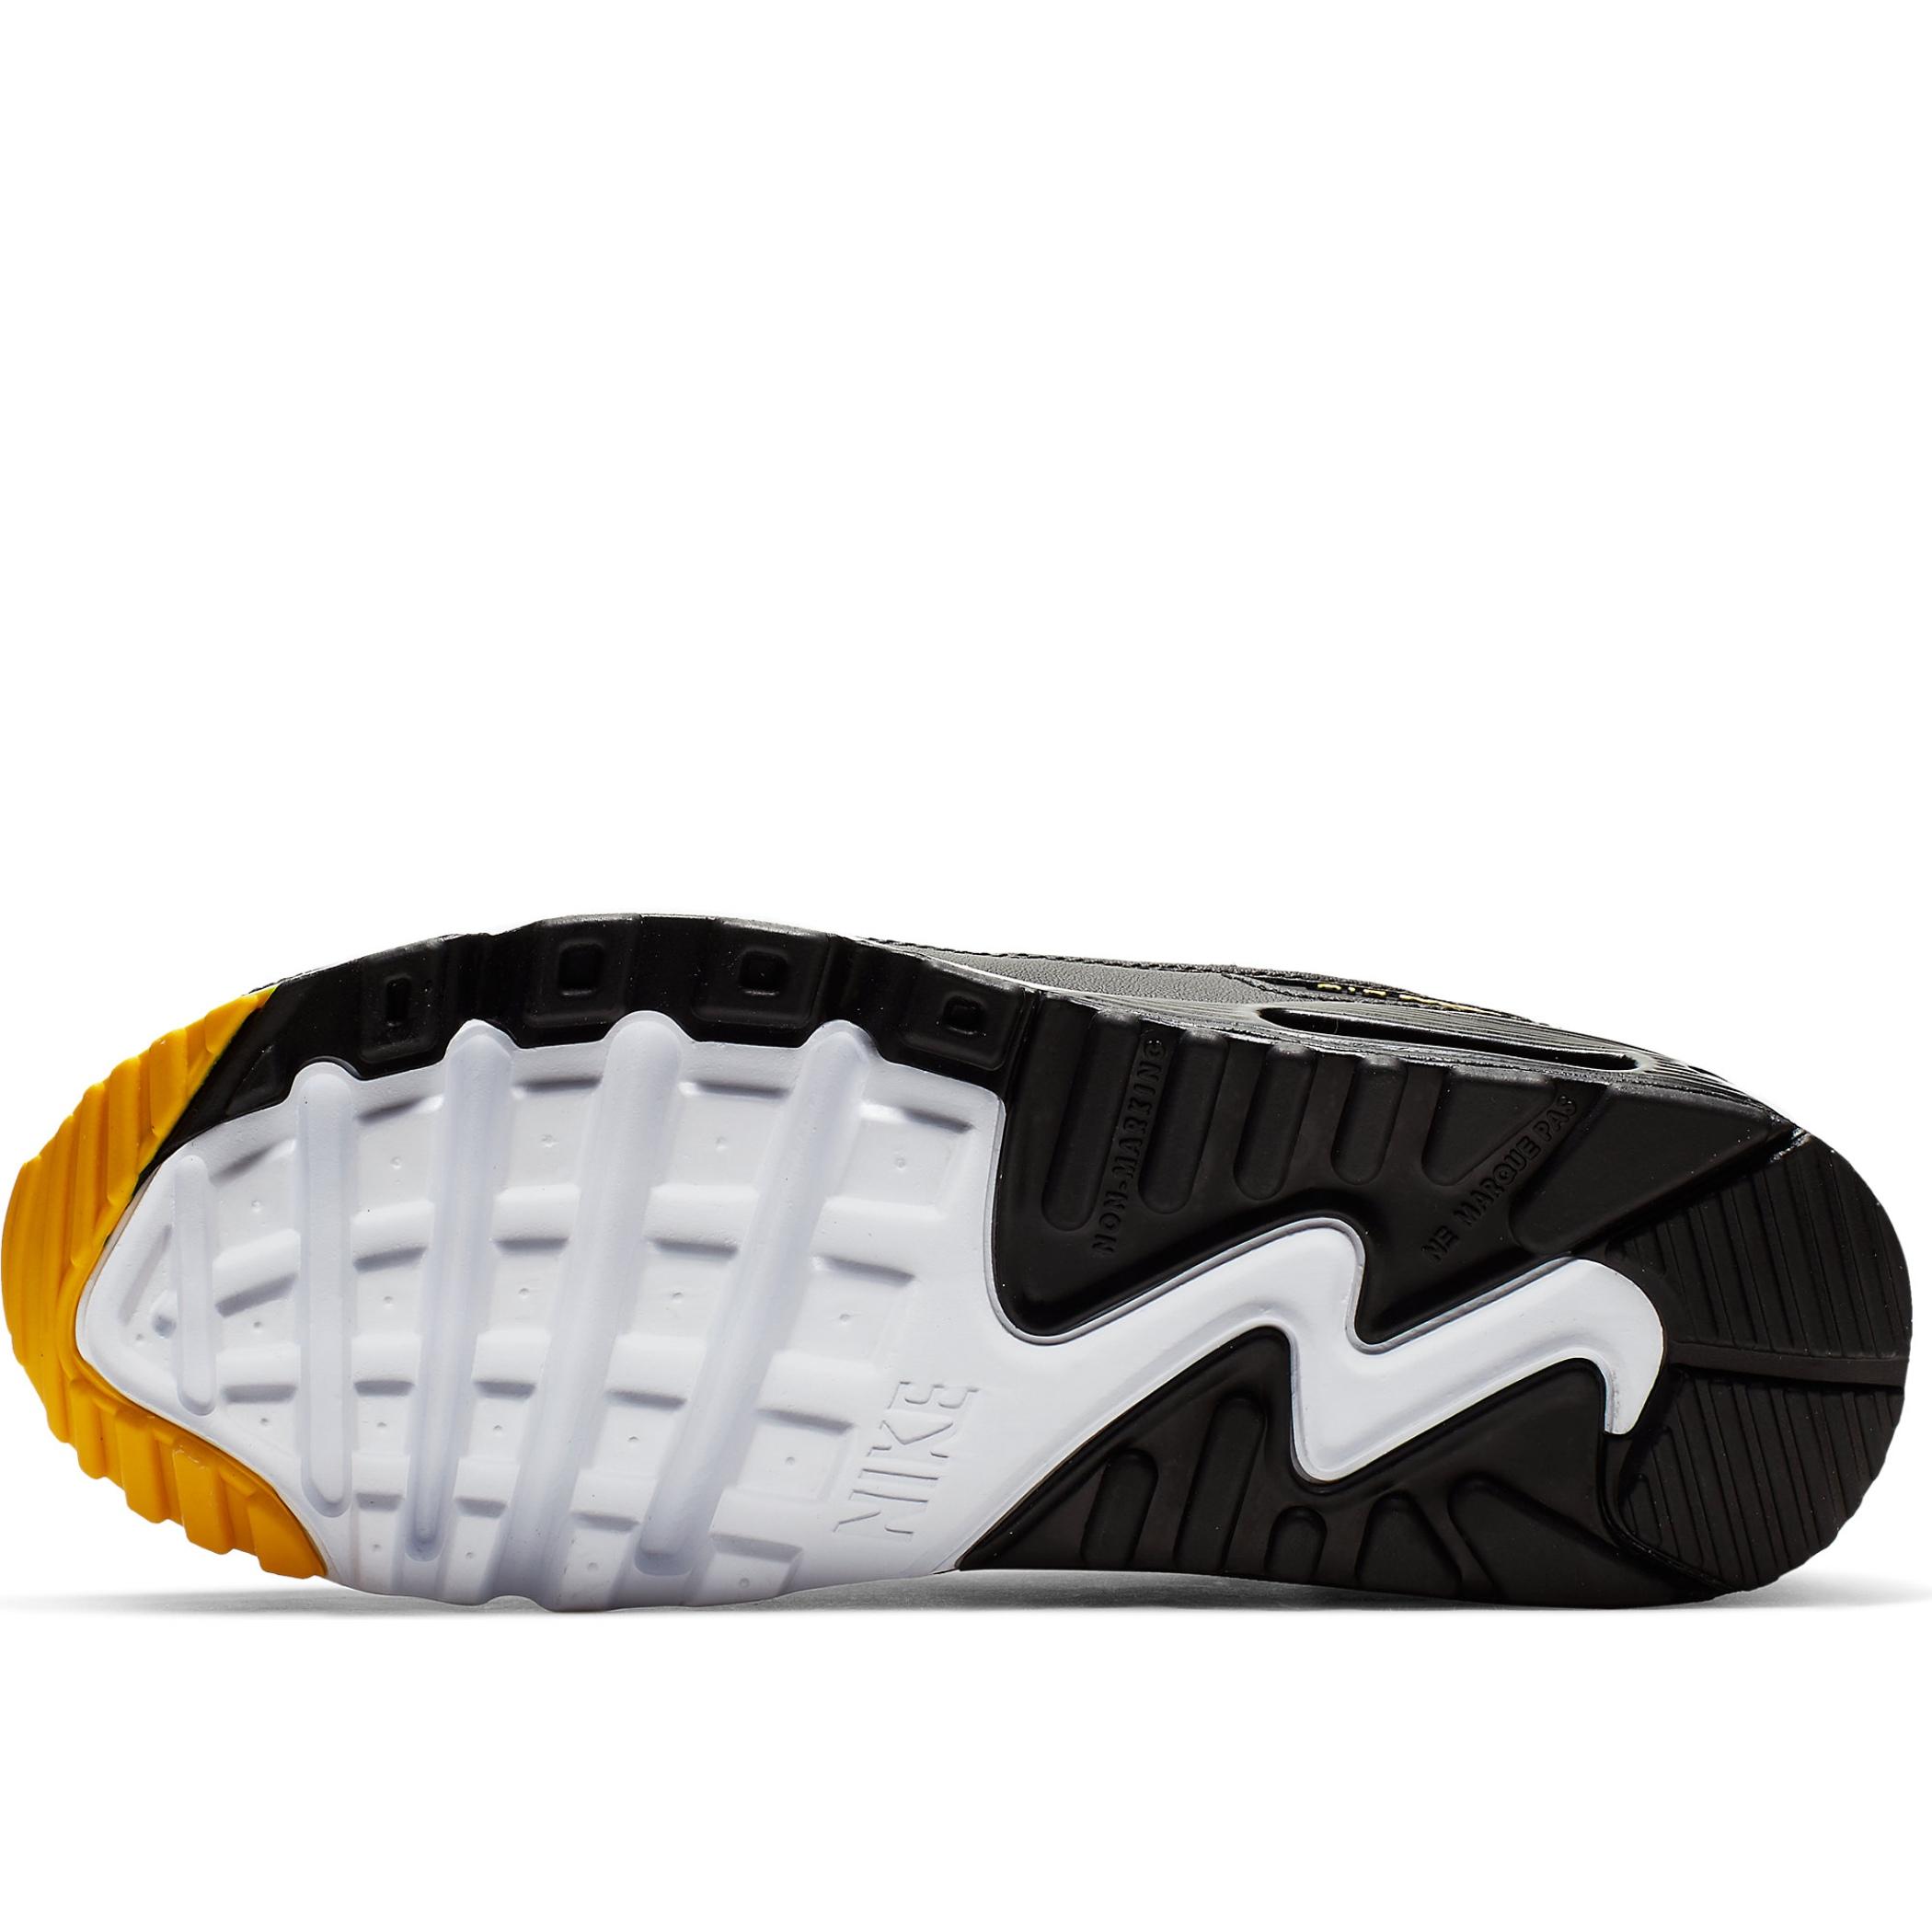 Кроссовки Air Max 90 от Nike (833418 026) продажа, цена